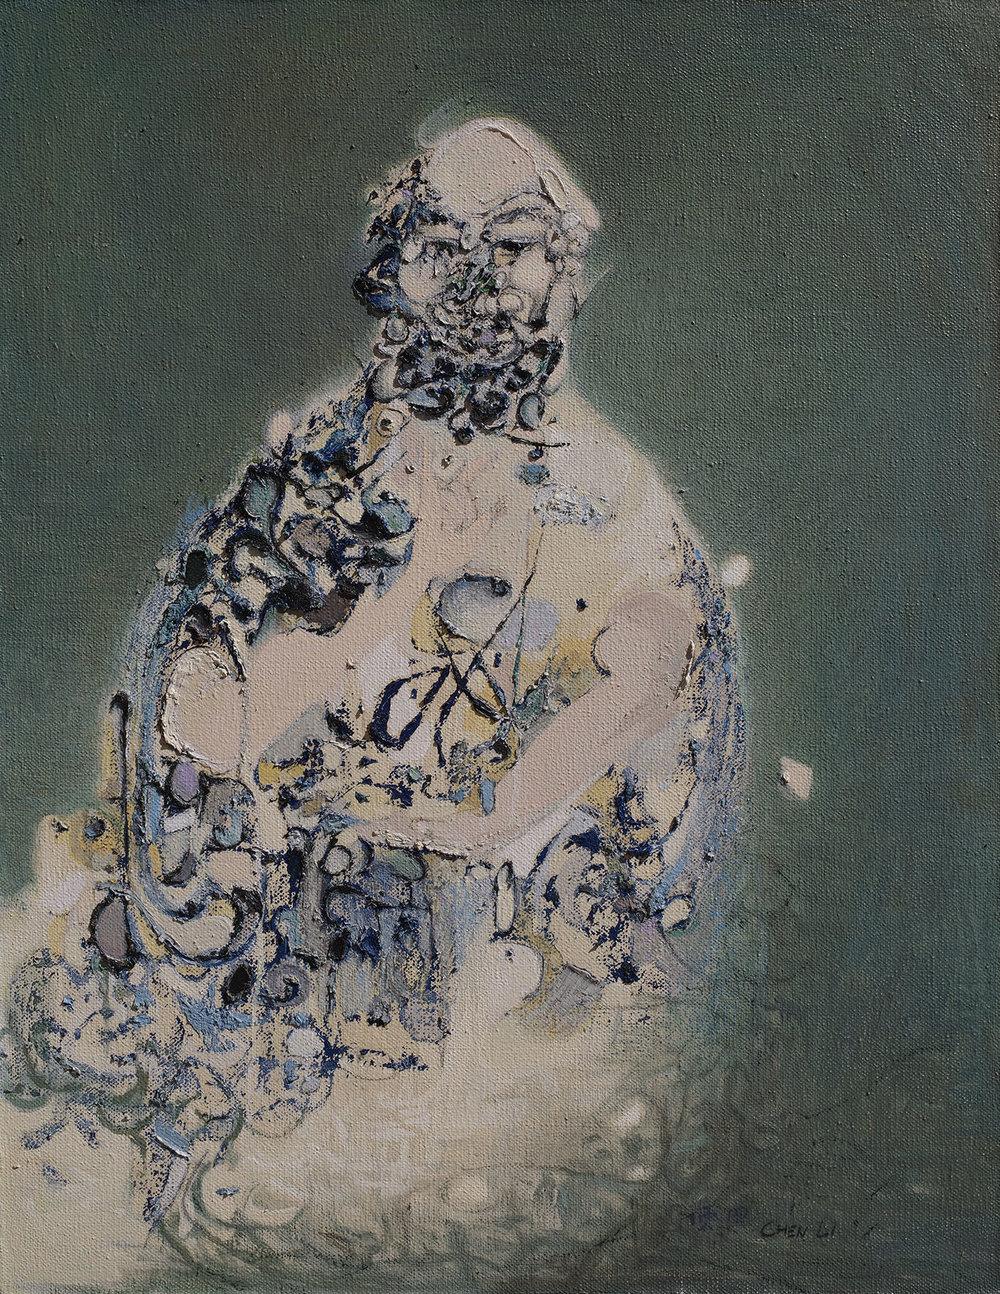 Seated Human Buddha II